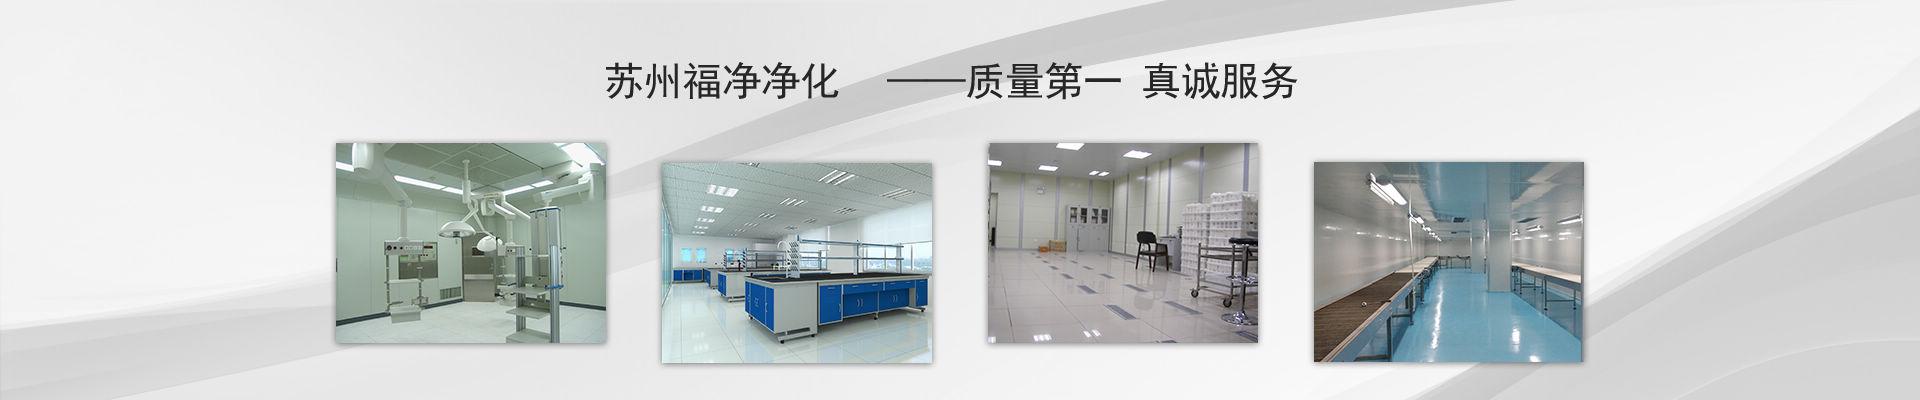 苏州福净净化设备有限公司